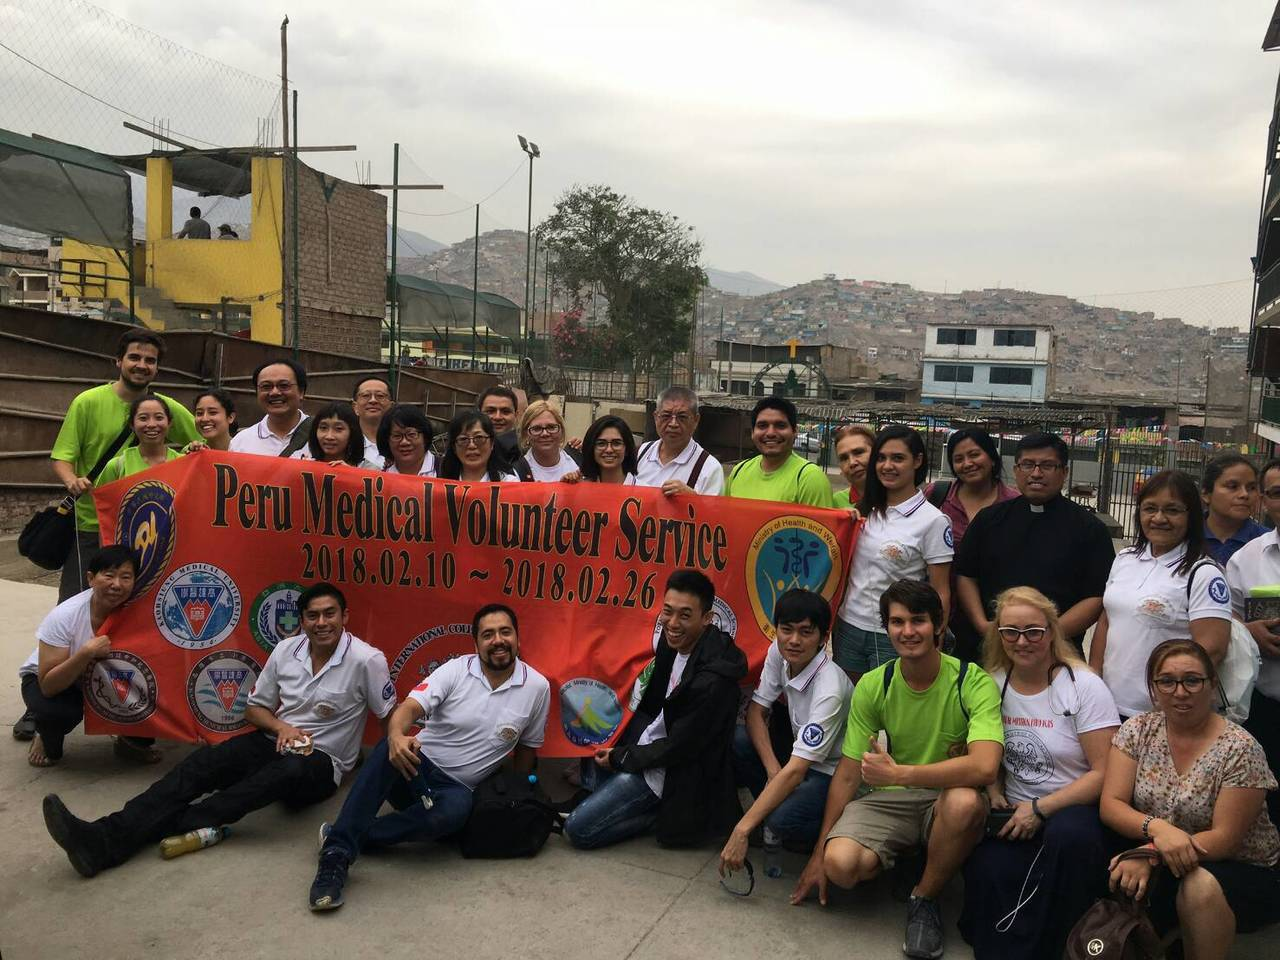 國際外科學會中華民國總會的醫師們最近飛越半個地球,前往秘魯的亞馬遜河流域為民眾義...